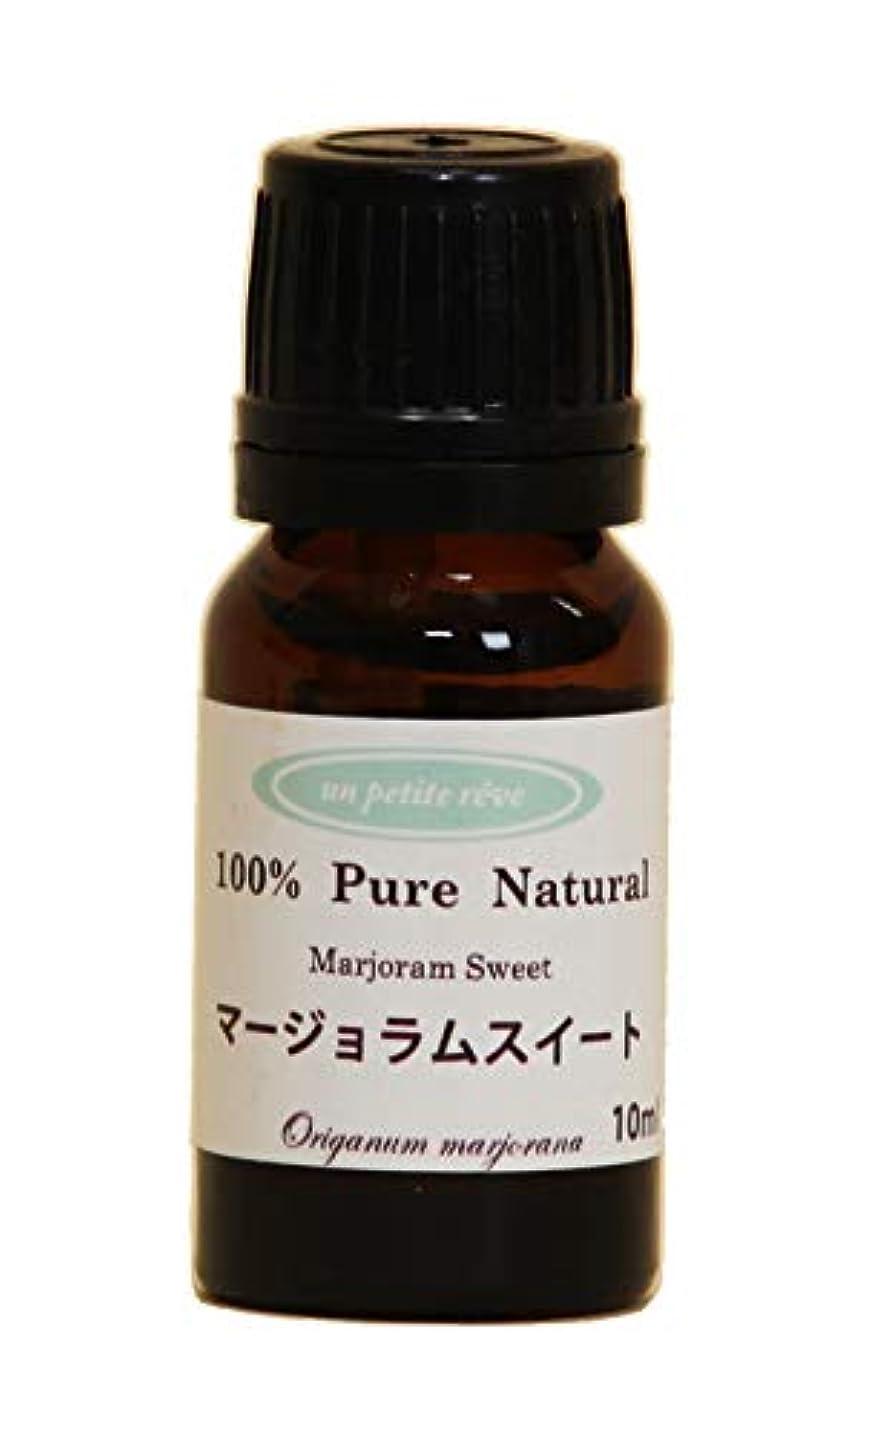 欠かせない摘む登場マージョラムスイート 10ml 100%天然アロマエッセンシャルオイル(精油)